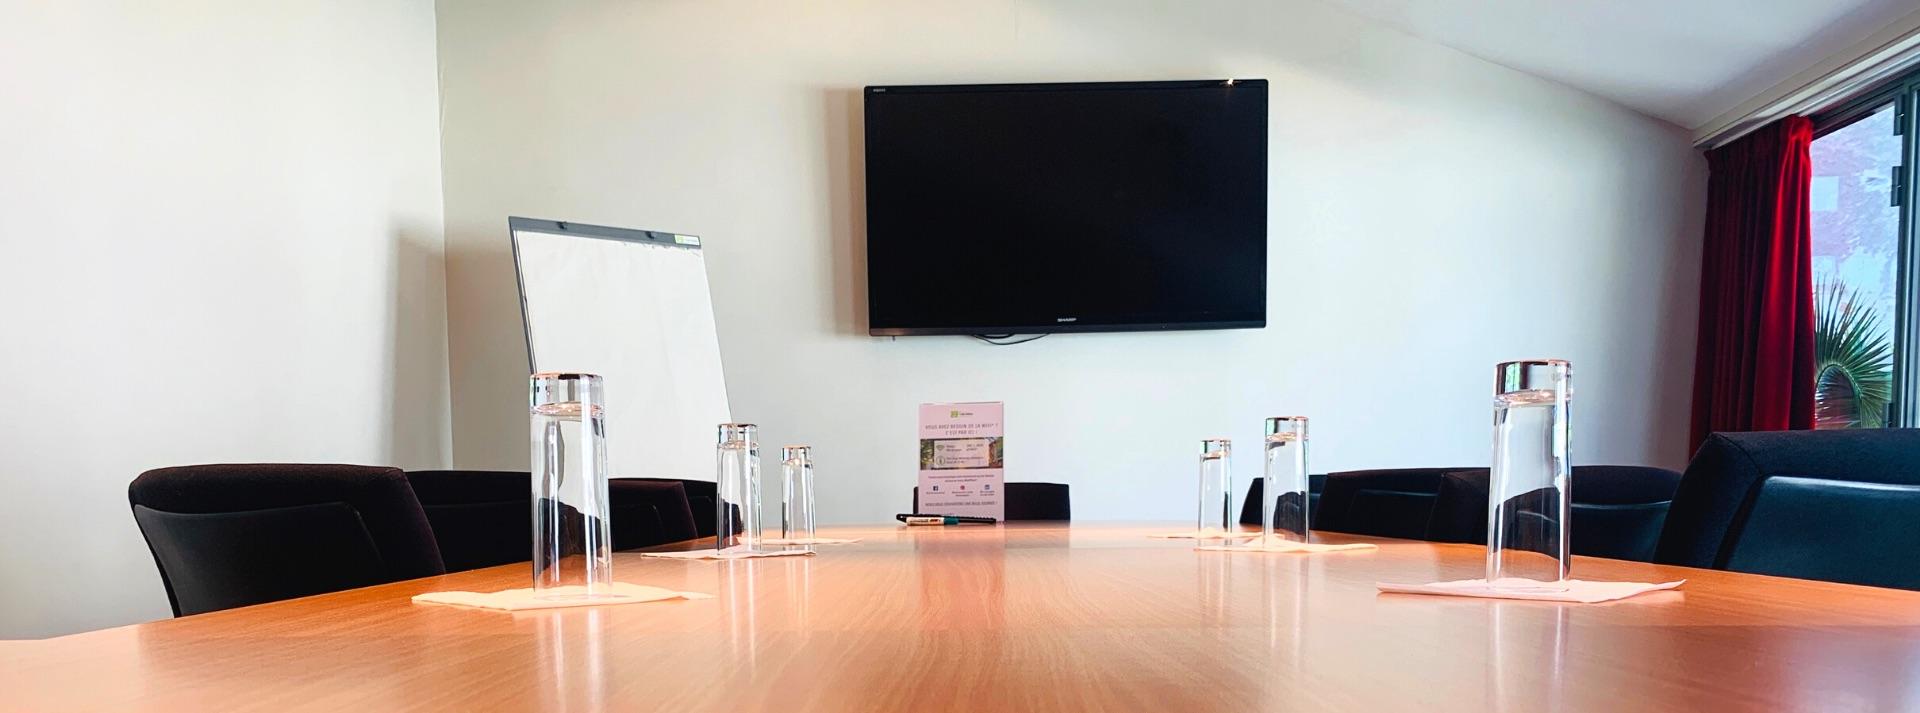 Séminaires, Location de salle, Location de salles, Modulables, Équipées, Cocktail, Coworking, Vidéoprojecteur, Louer une salle, Événements professionnels, Atypique, Salles de réunions, Projecteur, Salles de réunion, Pouvant accueillir, Salles de séminaire, Salle de réunion, Vidéo-projecteur, Réceptions, Traiteur, Grande salle, Sonorisation, Haut-débit, Demi-journée, Selon vos besoins, Lieu idéal, Salle de séminaire, Cocktails, Salle de conférence, Écran de projection, Salle de réception, Peuvent accueillir, Journée d étude, Accès wifi, Location de salle de réunion, Présentations, Espace de coworking, Sur demande, Team-building, Réunions de travail, Espaces de réunion, Salles de formation, Louez, Brainstorming, Plusieurs salles, Centre d affaires, Salle de formation, Espaces de travail, Capacité d accueil, Configurations, Visioconférence, Confortables, Location de salles de réunion, Paper-board, Dînatoire, Cadre idéal, Buffets, Bureaux à partager, Tableau blanc, Micros, Viennoiseries, Salles de réception, Espace de travail, Aménagées, Connexion Wifi, Organiser un séminaire, Plénière, Accès à Internet, Idéalement situé, Salles à louer, Salle de conférences, Salles de conférences, Salle à louer, Organiser un événement, Internet haut débit, Location de bureaux, Résidentiel, Séminaire d entreprise, Boissons chaudes, Collaboratif, Wifi gratuit, Petit comité, Événementielle, Nombre de participants, Location d espaces, Pauses café, Assemblées générales, Connexion Internet, Organisation d événements, Location de salle de séminaire, Salle équipée, Espace de réunion, Climatisées, Lieu de réunion, Organisation de séminaires, Réunions professionnelles, Prestataires, Intimiste, Plusieurs espaces, Disposition des salles, Plateaux-repas, Agencement, Petits-déjeuners, Coaching, Lieu atypique, Organiser une réunion, Événementiel, Location d espace, Réserver une salle, Grande salle de réunion, Toutes équipées, Afterwork, Plateaux, Bureau à la journée, Réservation de salles de réunion,